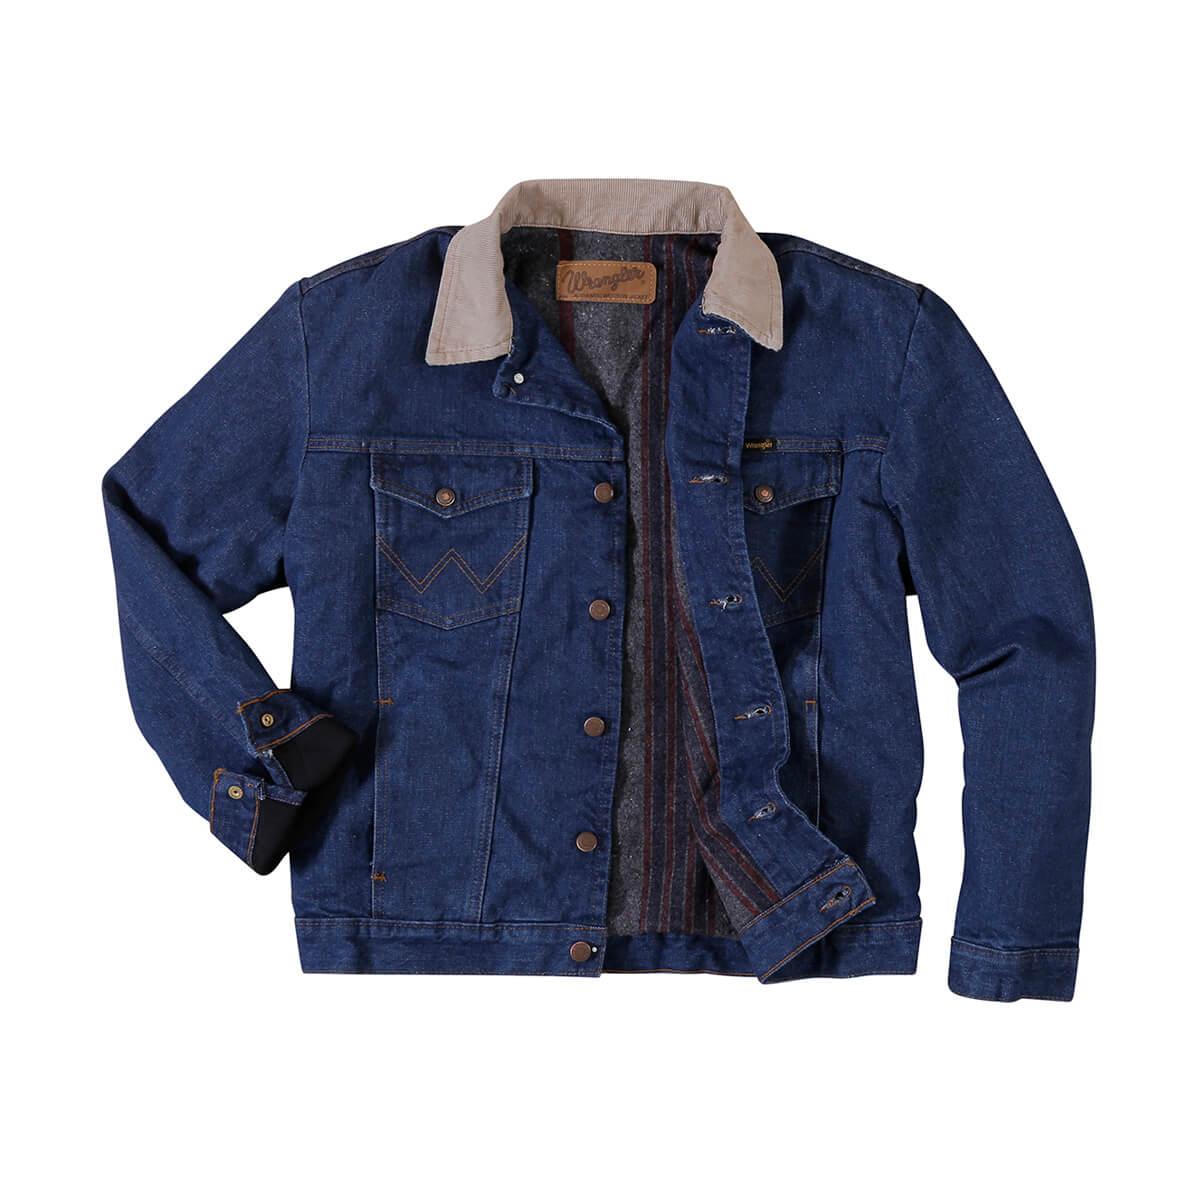 Men's Wrangler® Blanket Lined Denim Jacket